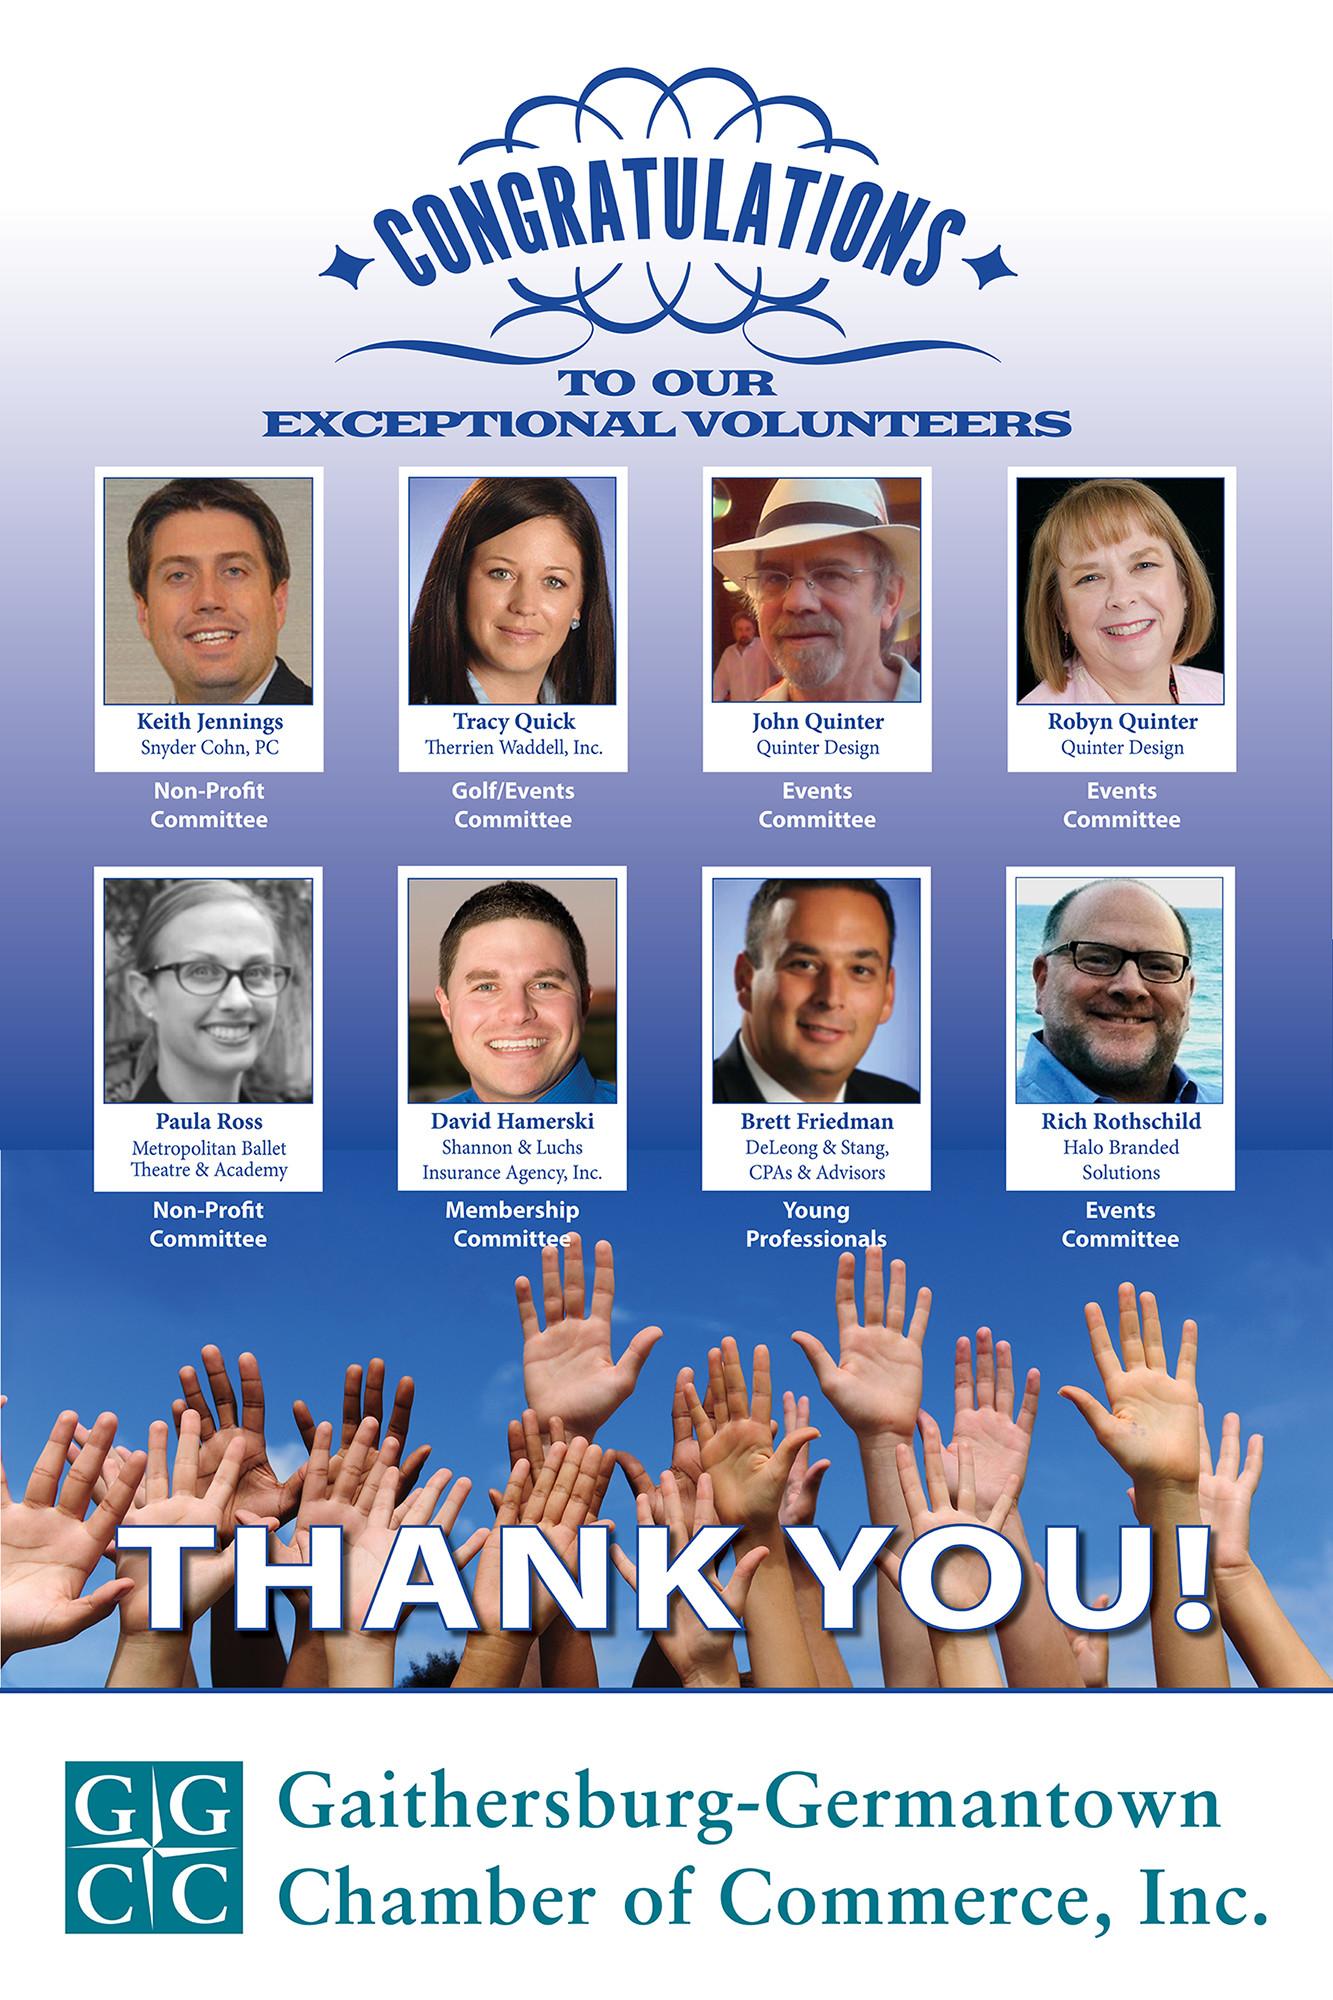 GGCC exceptional volunteers poster